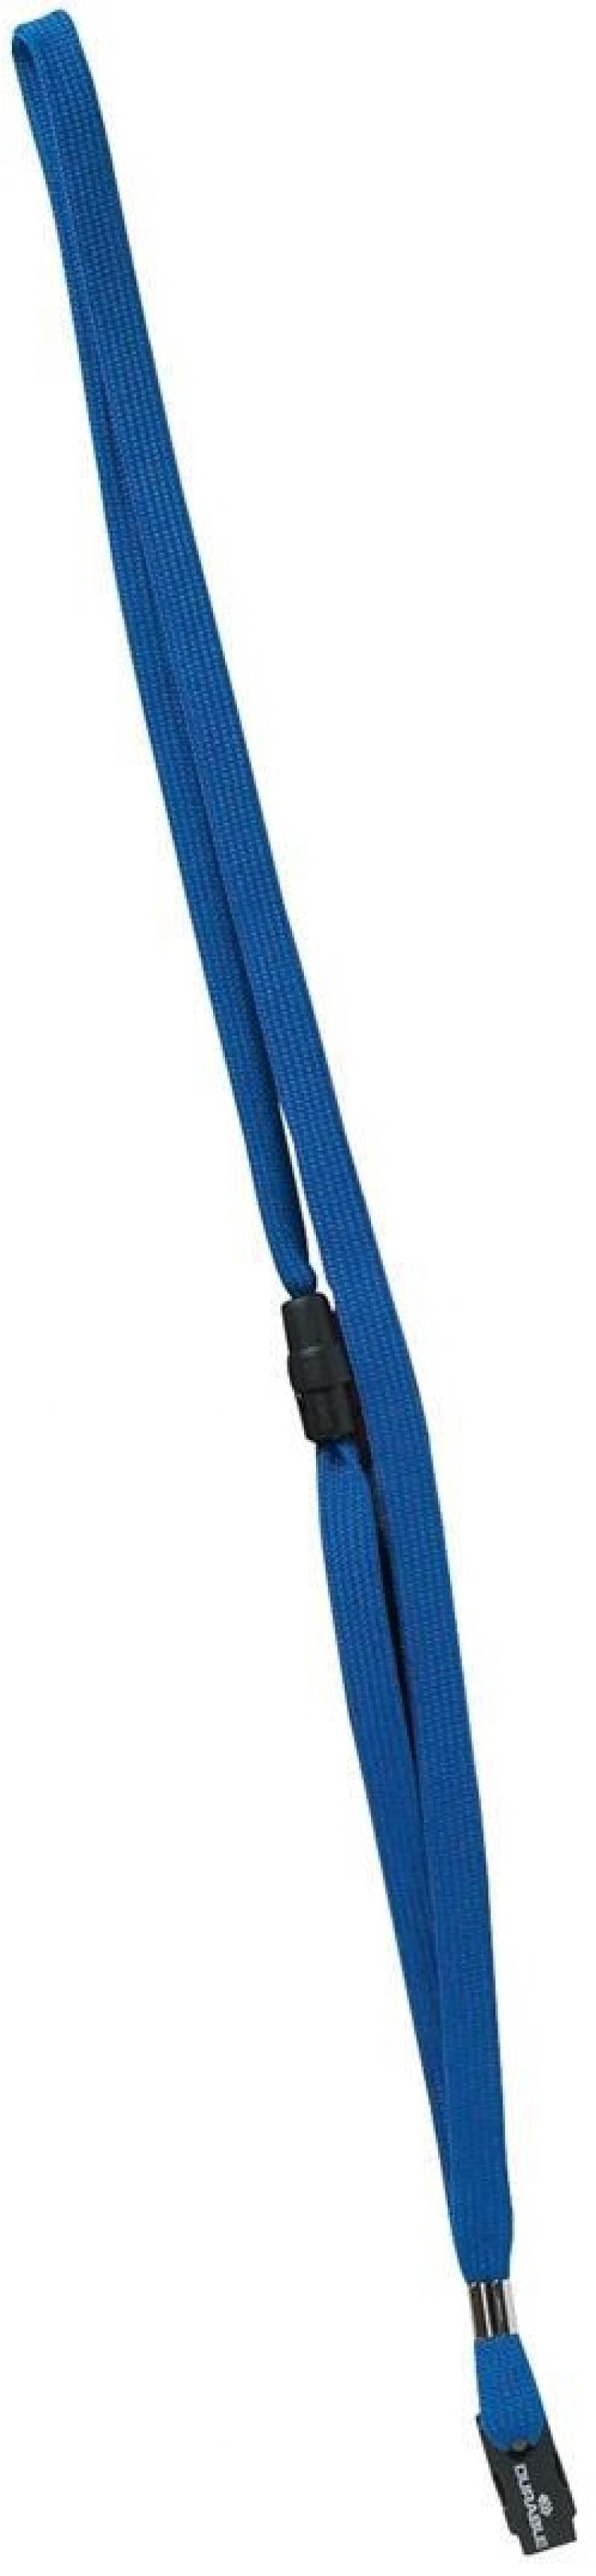 Шнур текстильный для бейджей Durable длина 44см синий 10шт 811907